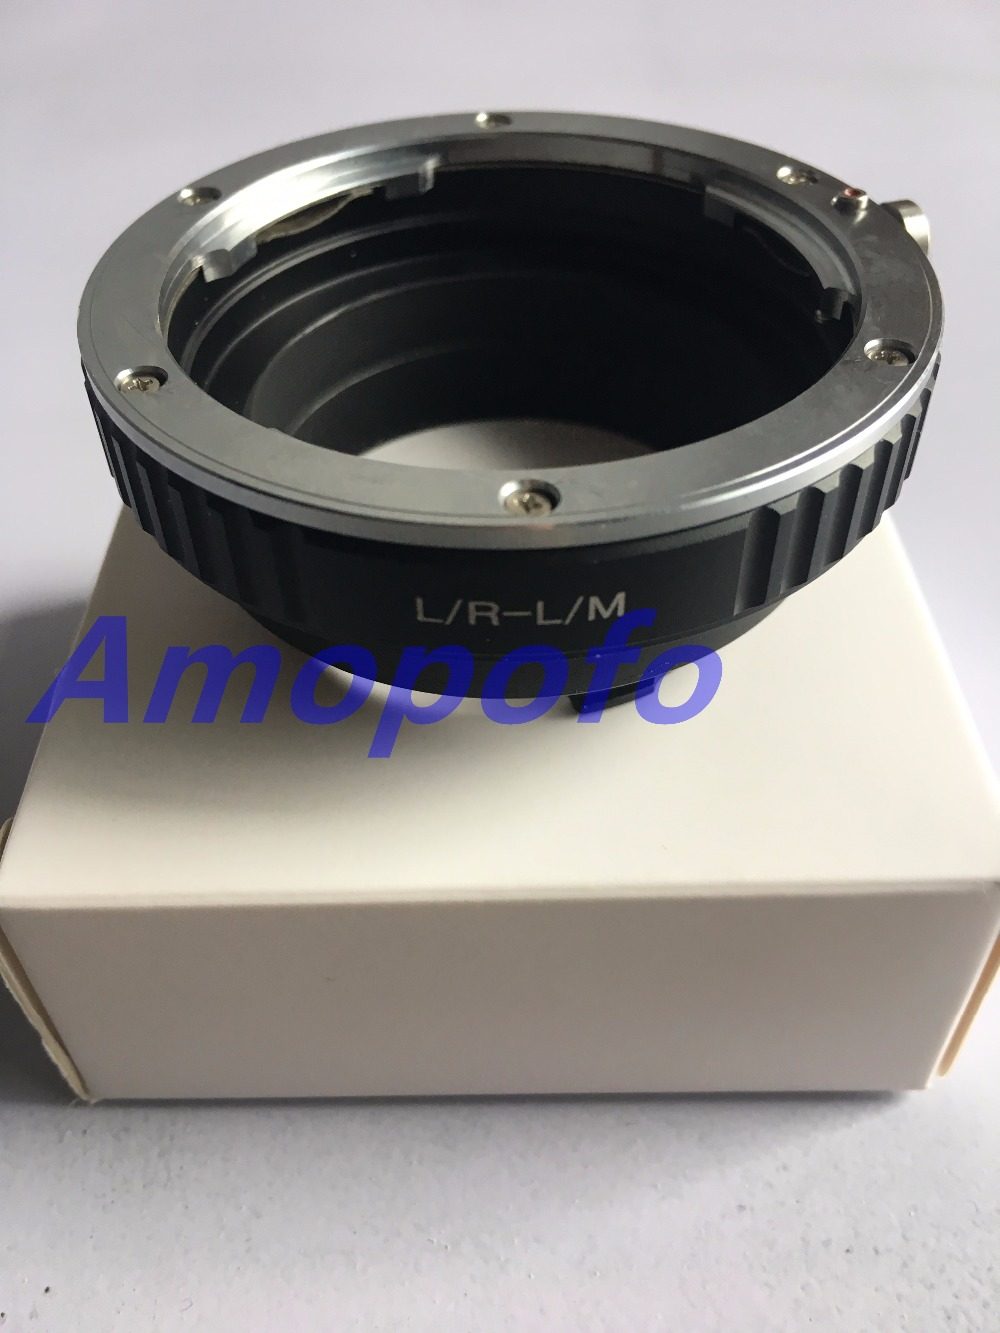 Amopofo lr-lm adaptateur pour leica r lr lens pour pour leica M L/M M9 M8 M7 M6 M5 pour TECHART LM-EA 7